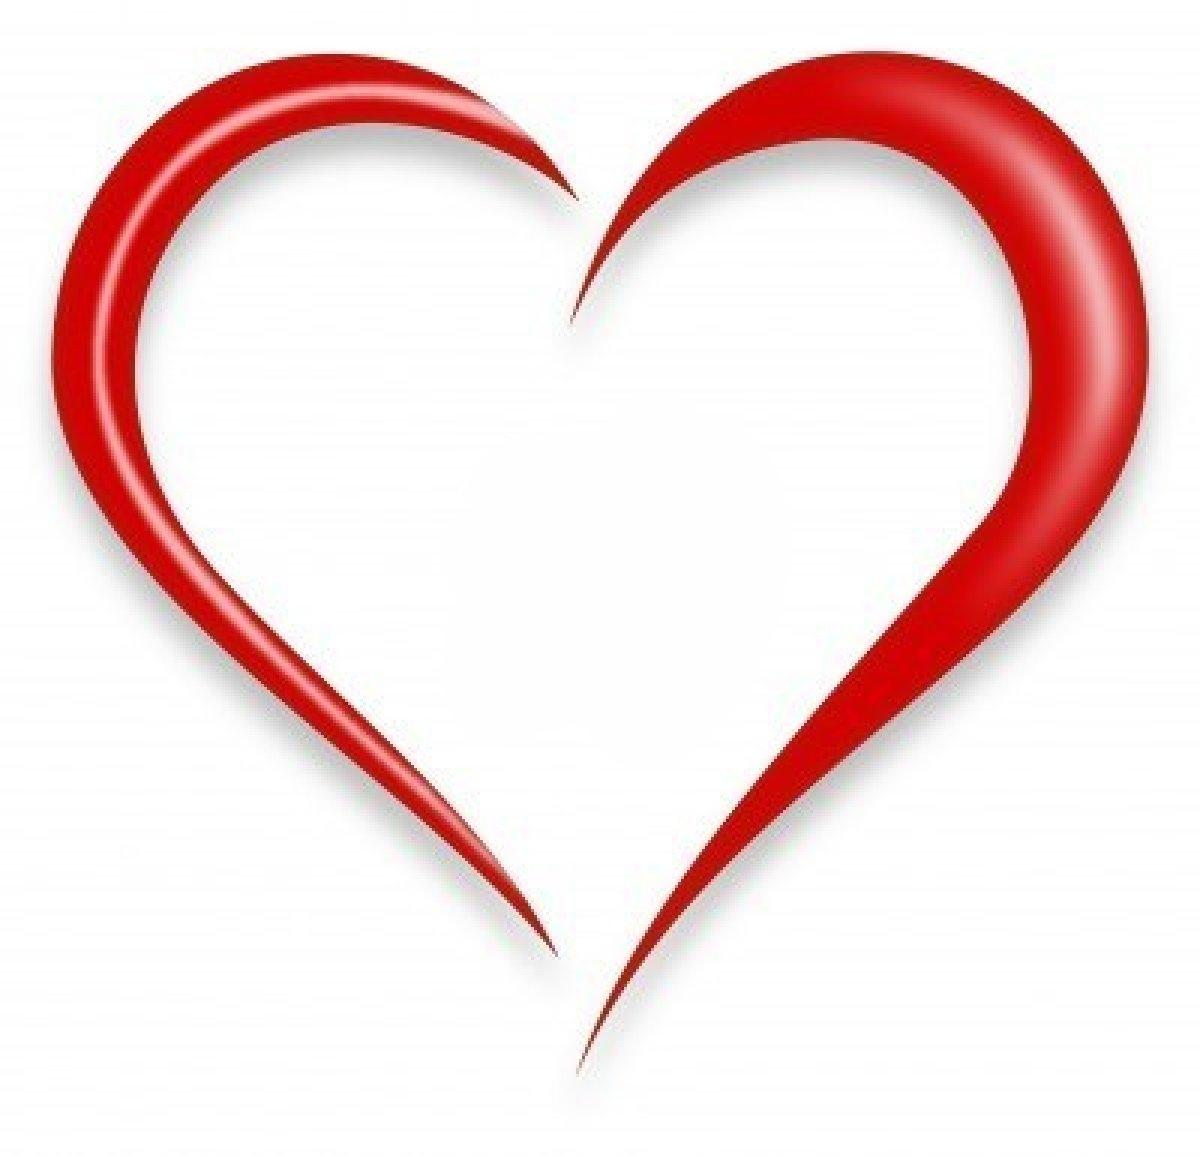 Hearts PNG HD  - 126523